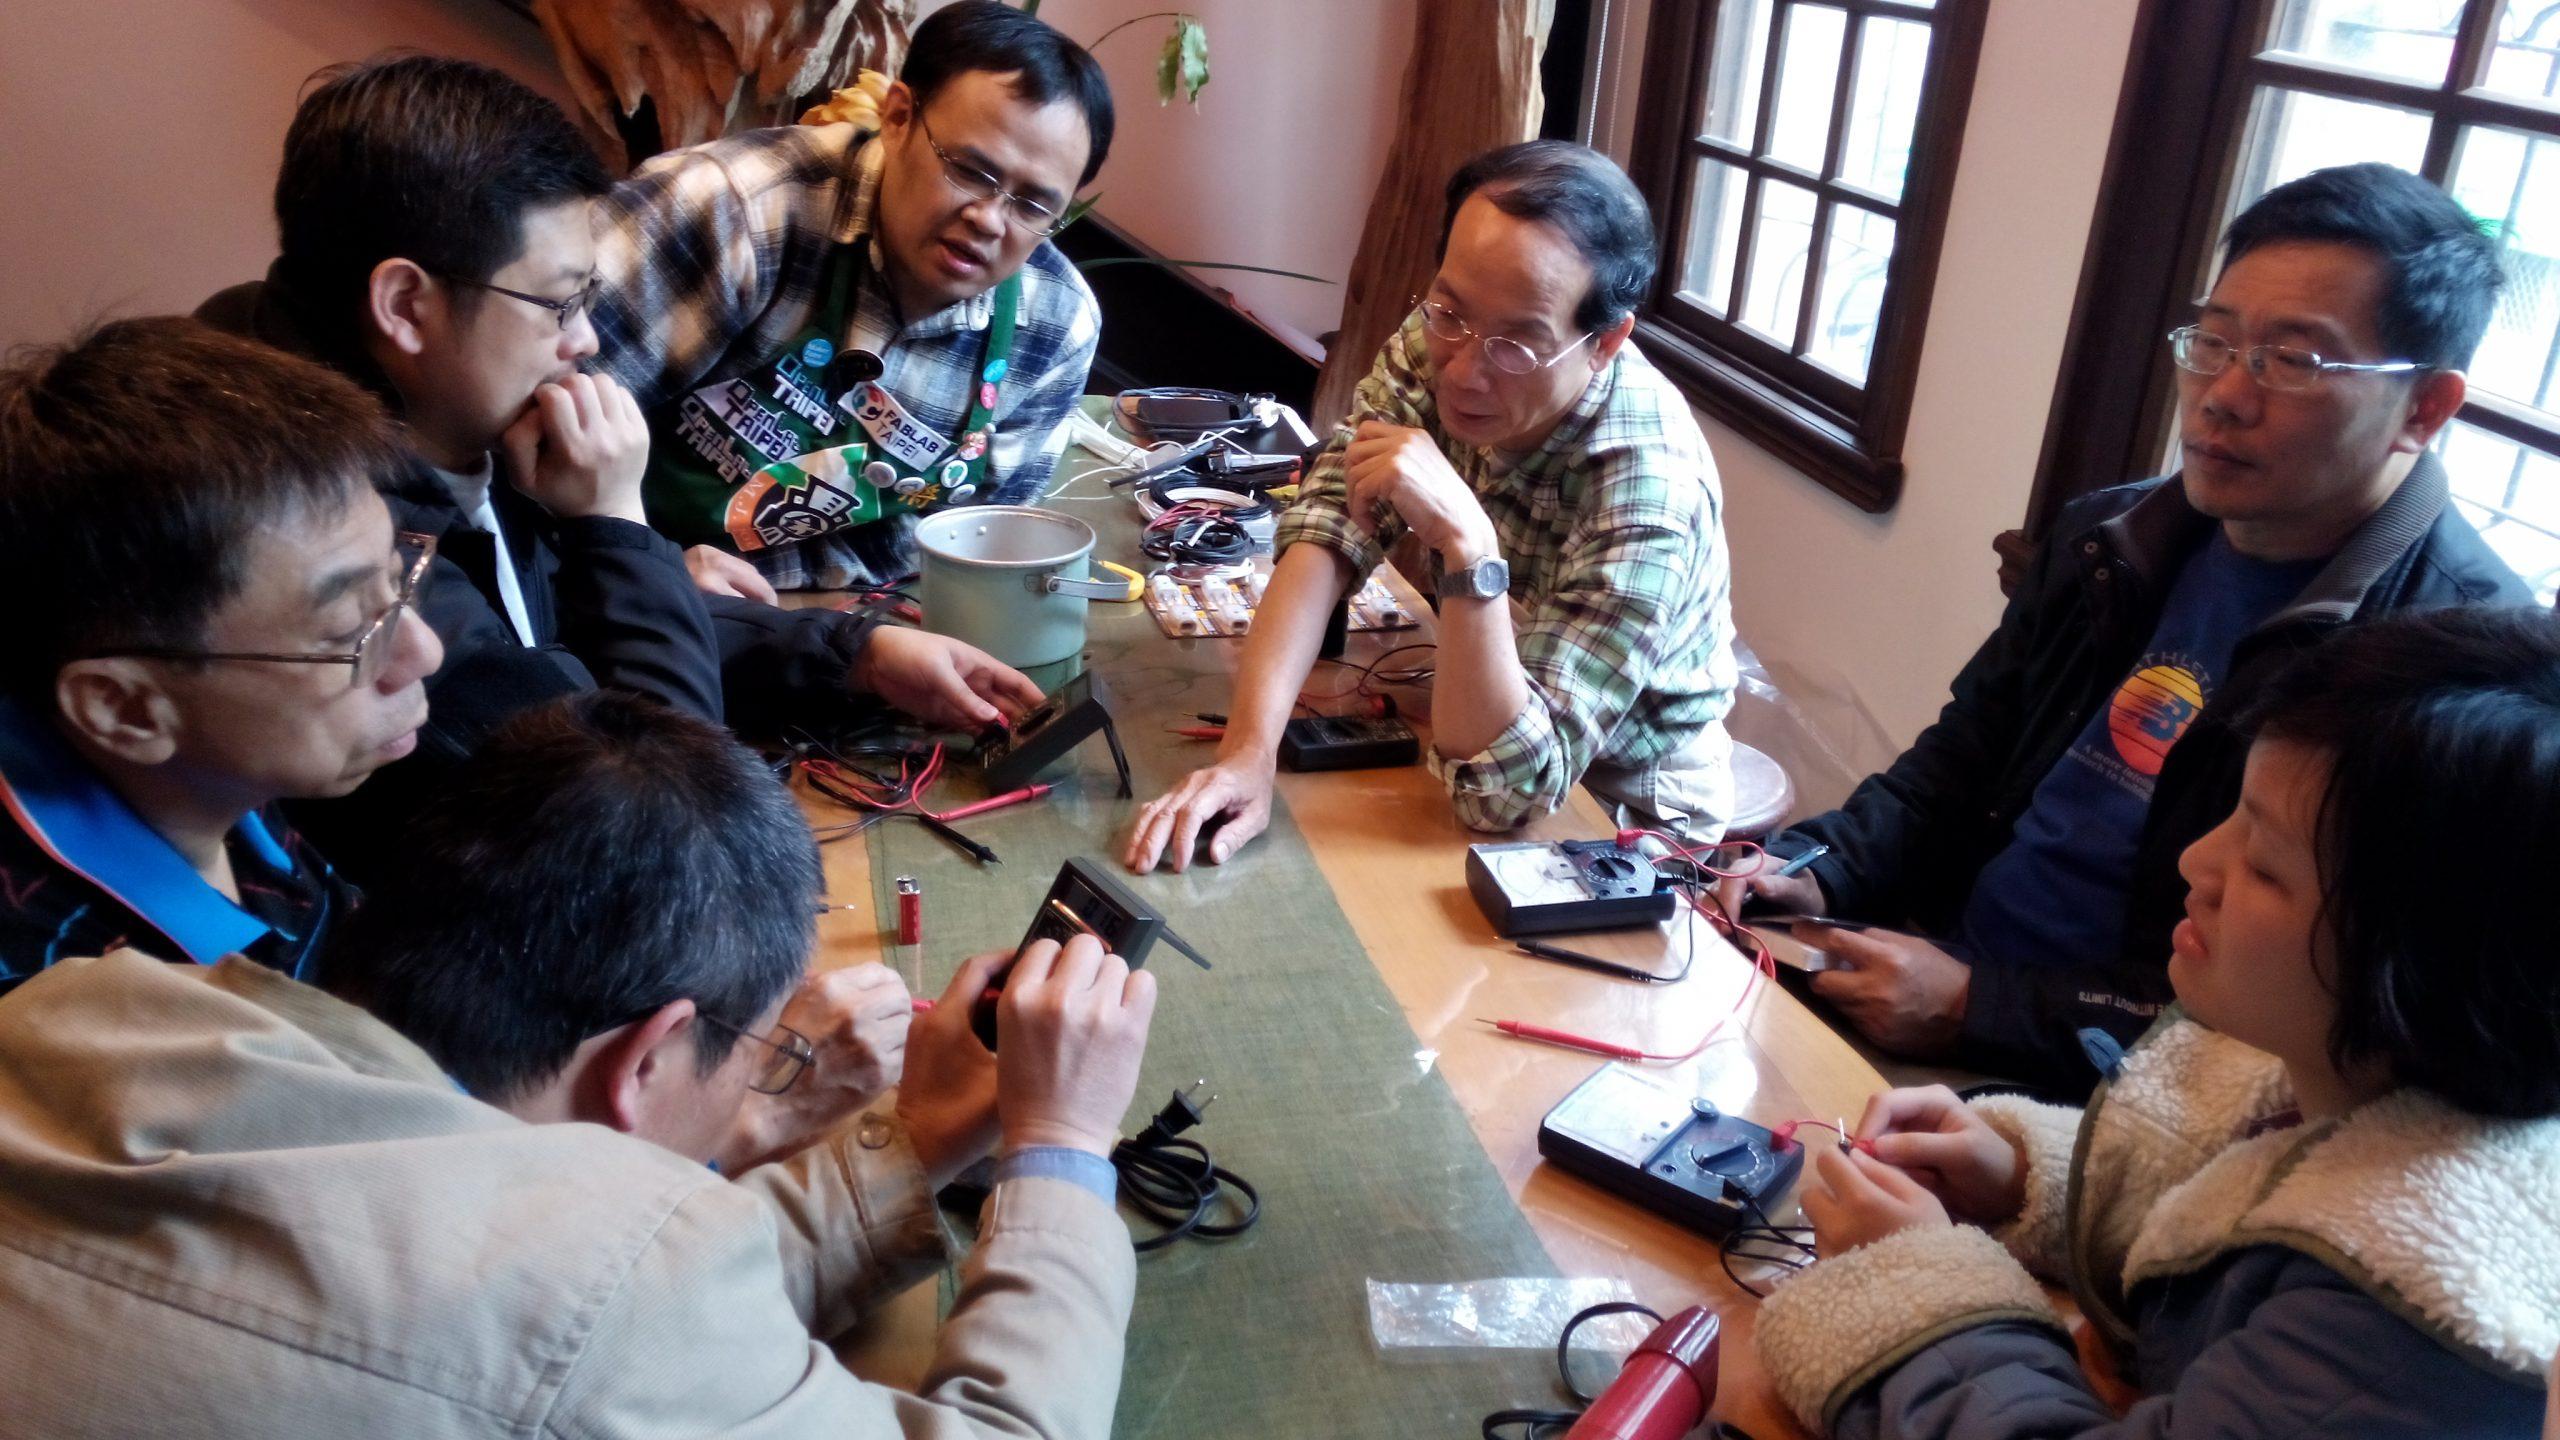 電熱器修理課–課程紀錄